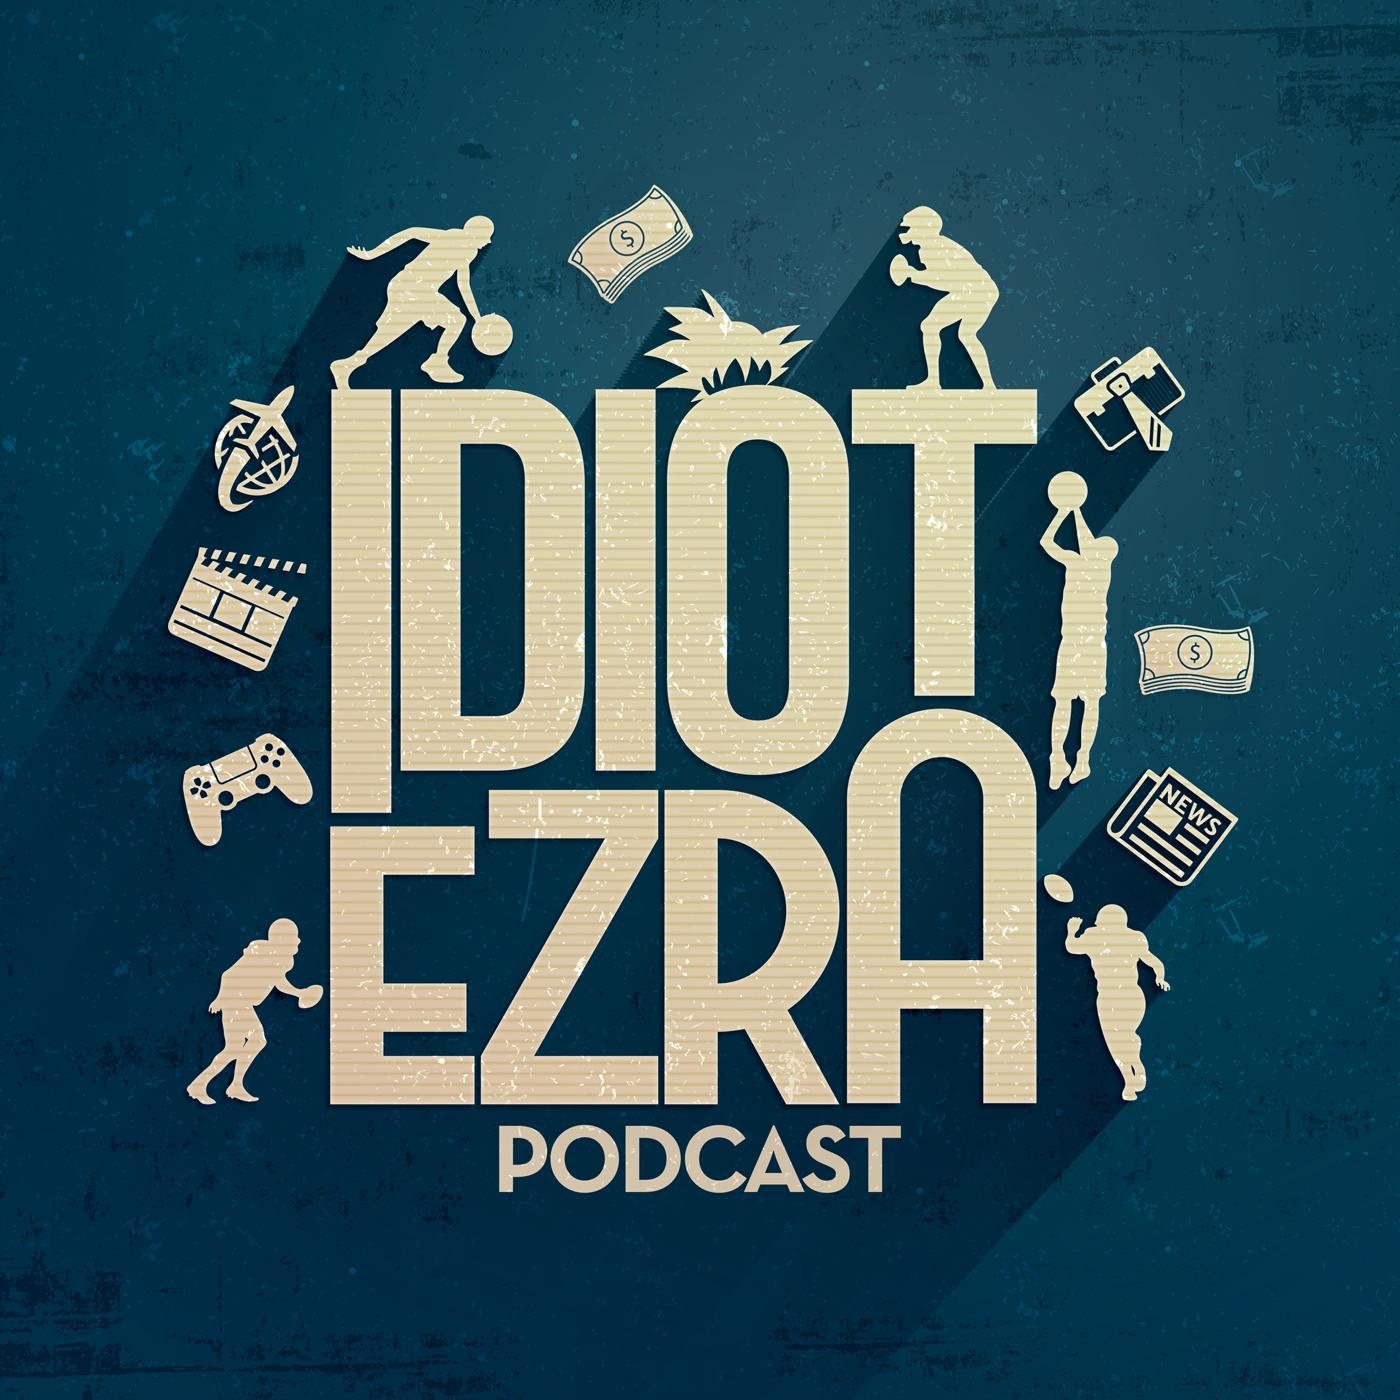 Show artwork for Idiot Ezra Podcast